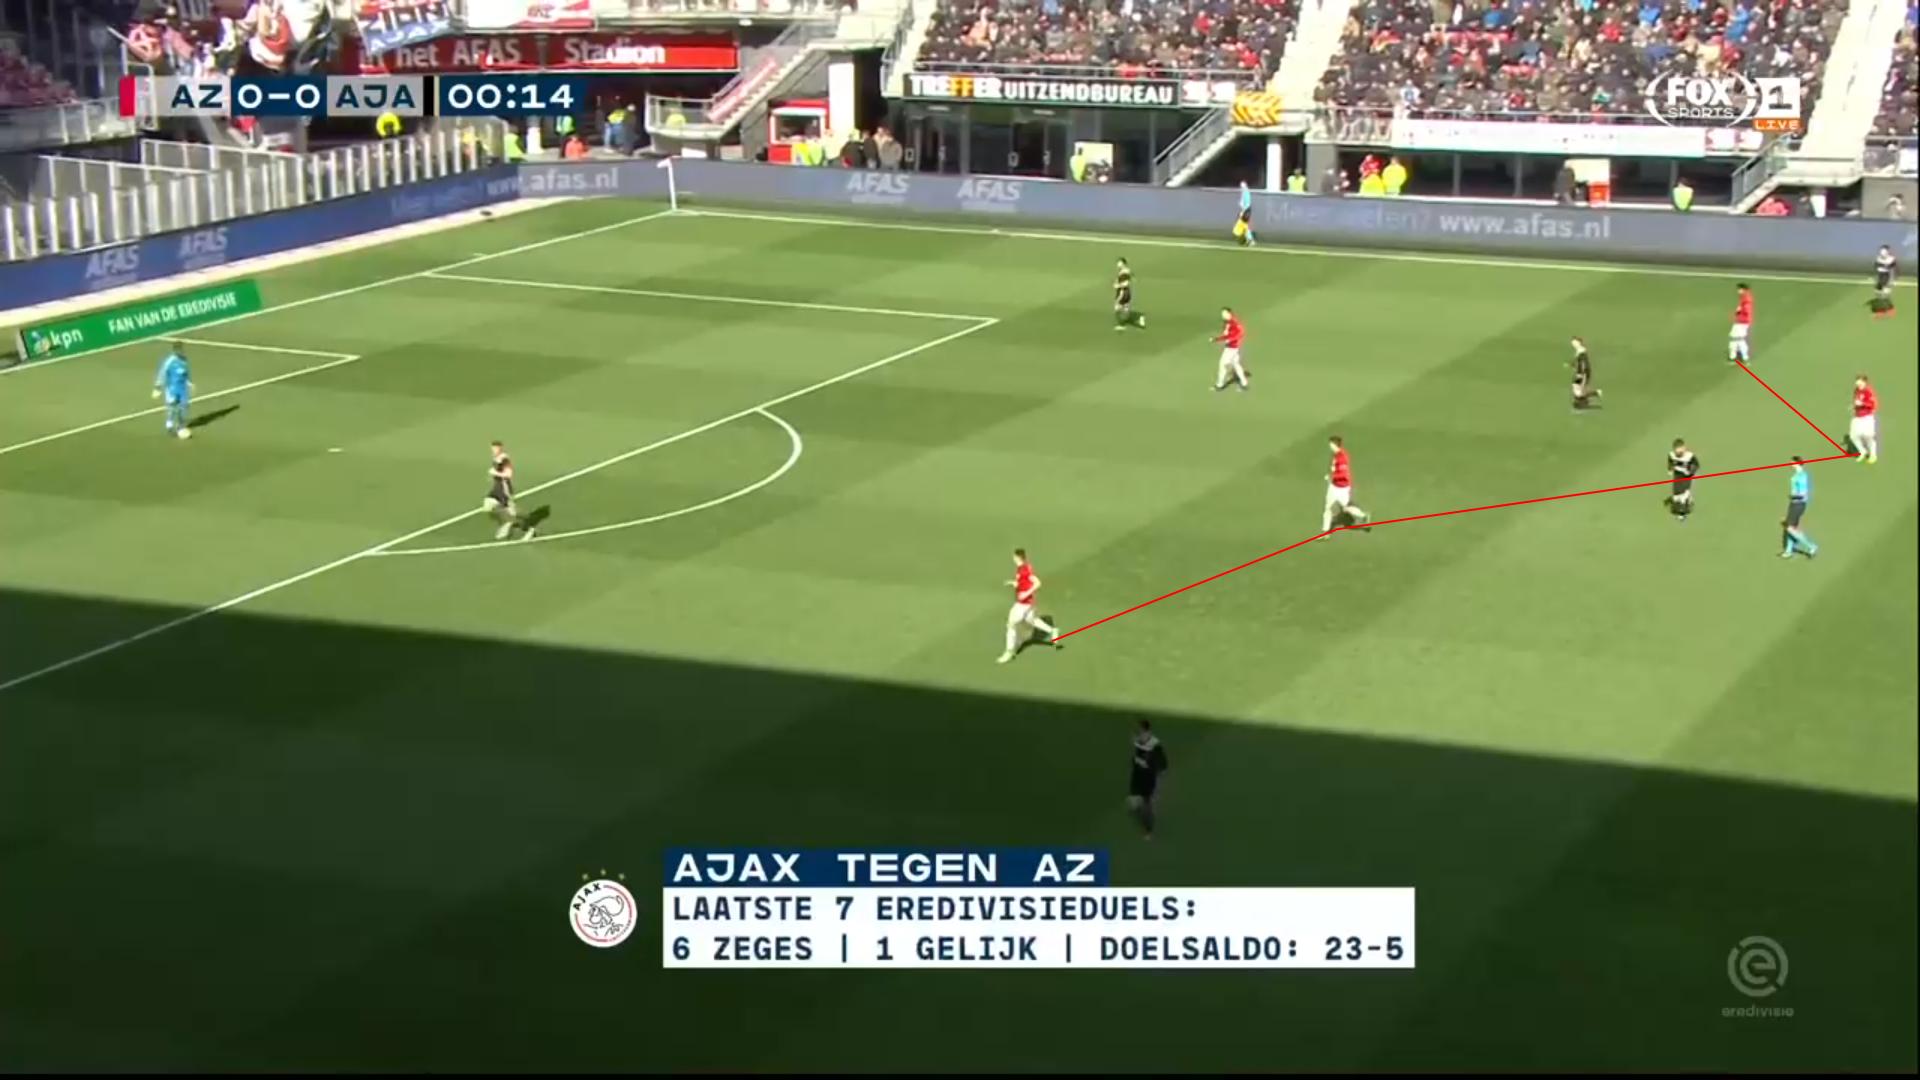 Van Til Alkmaar.Eredivisie 2018 19 Tactical Analysis Az Alkmaar Vs Ajax